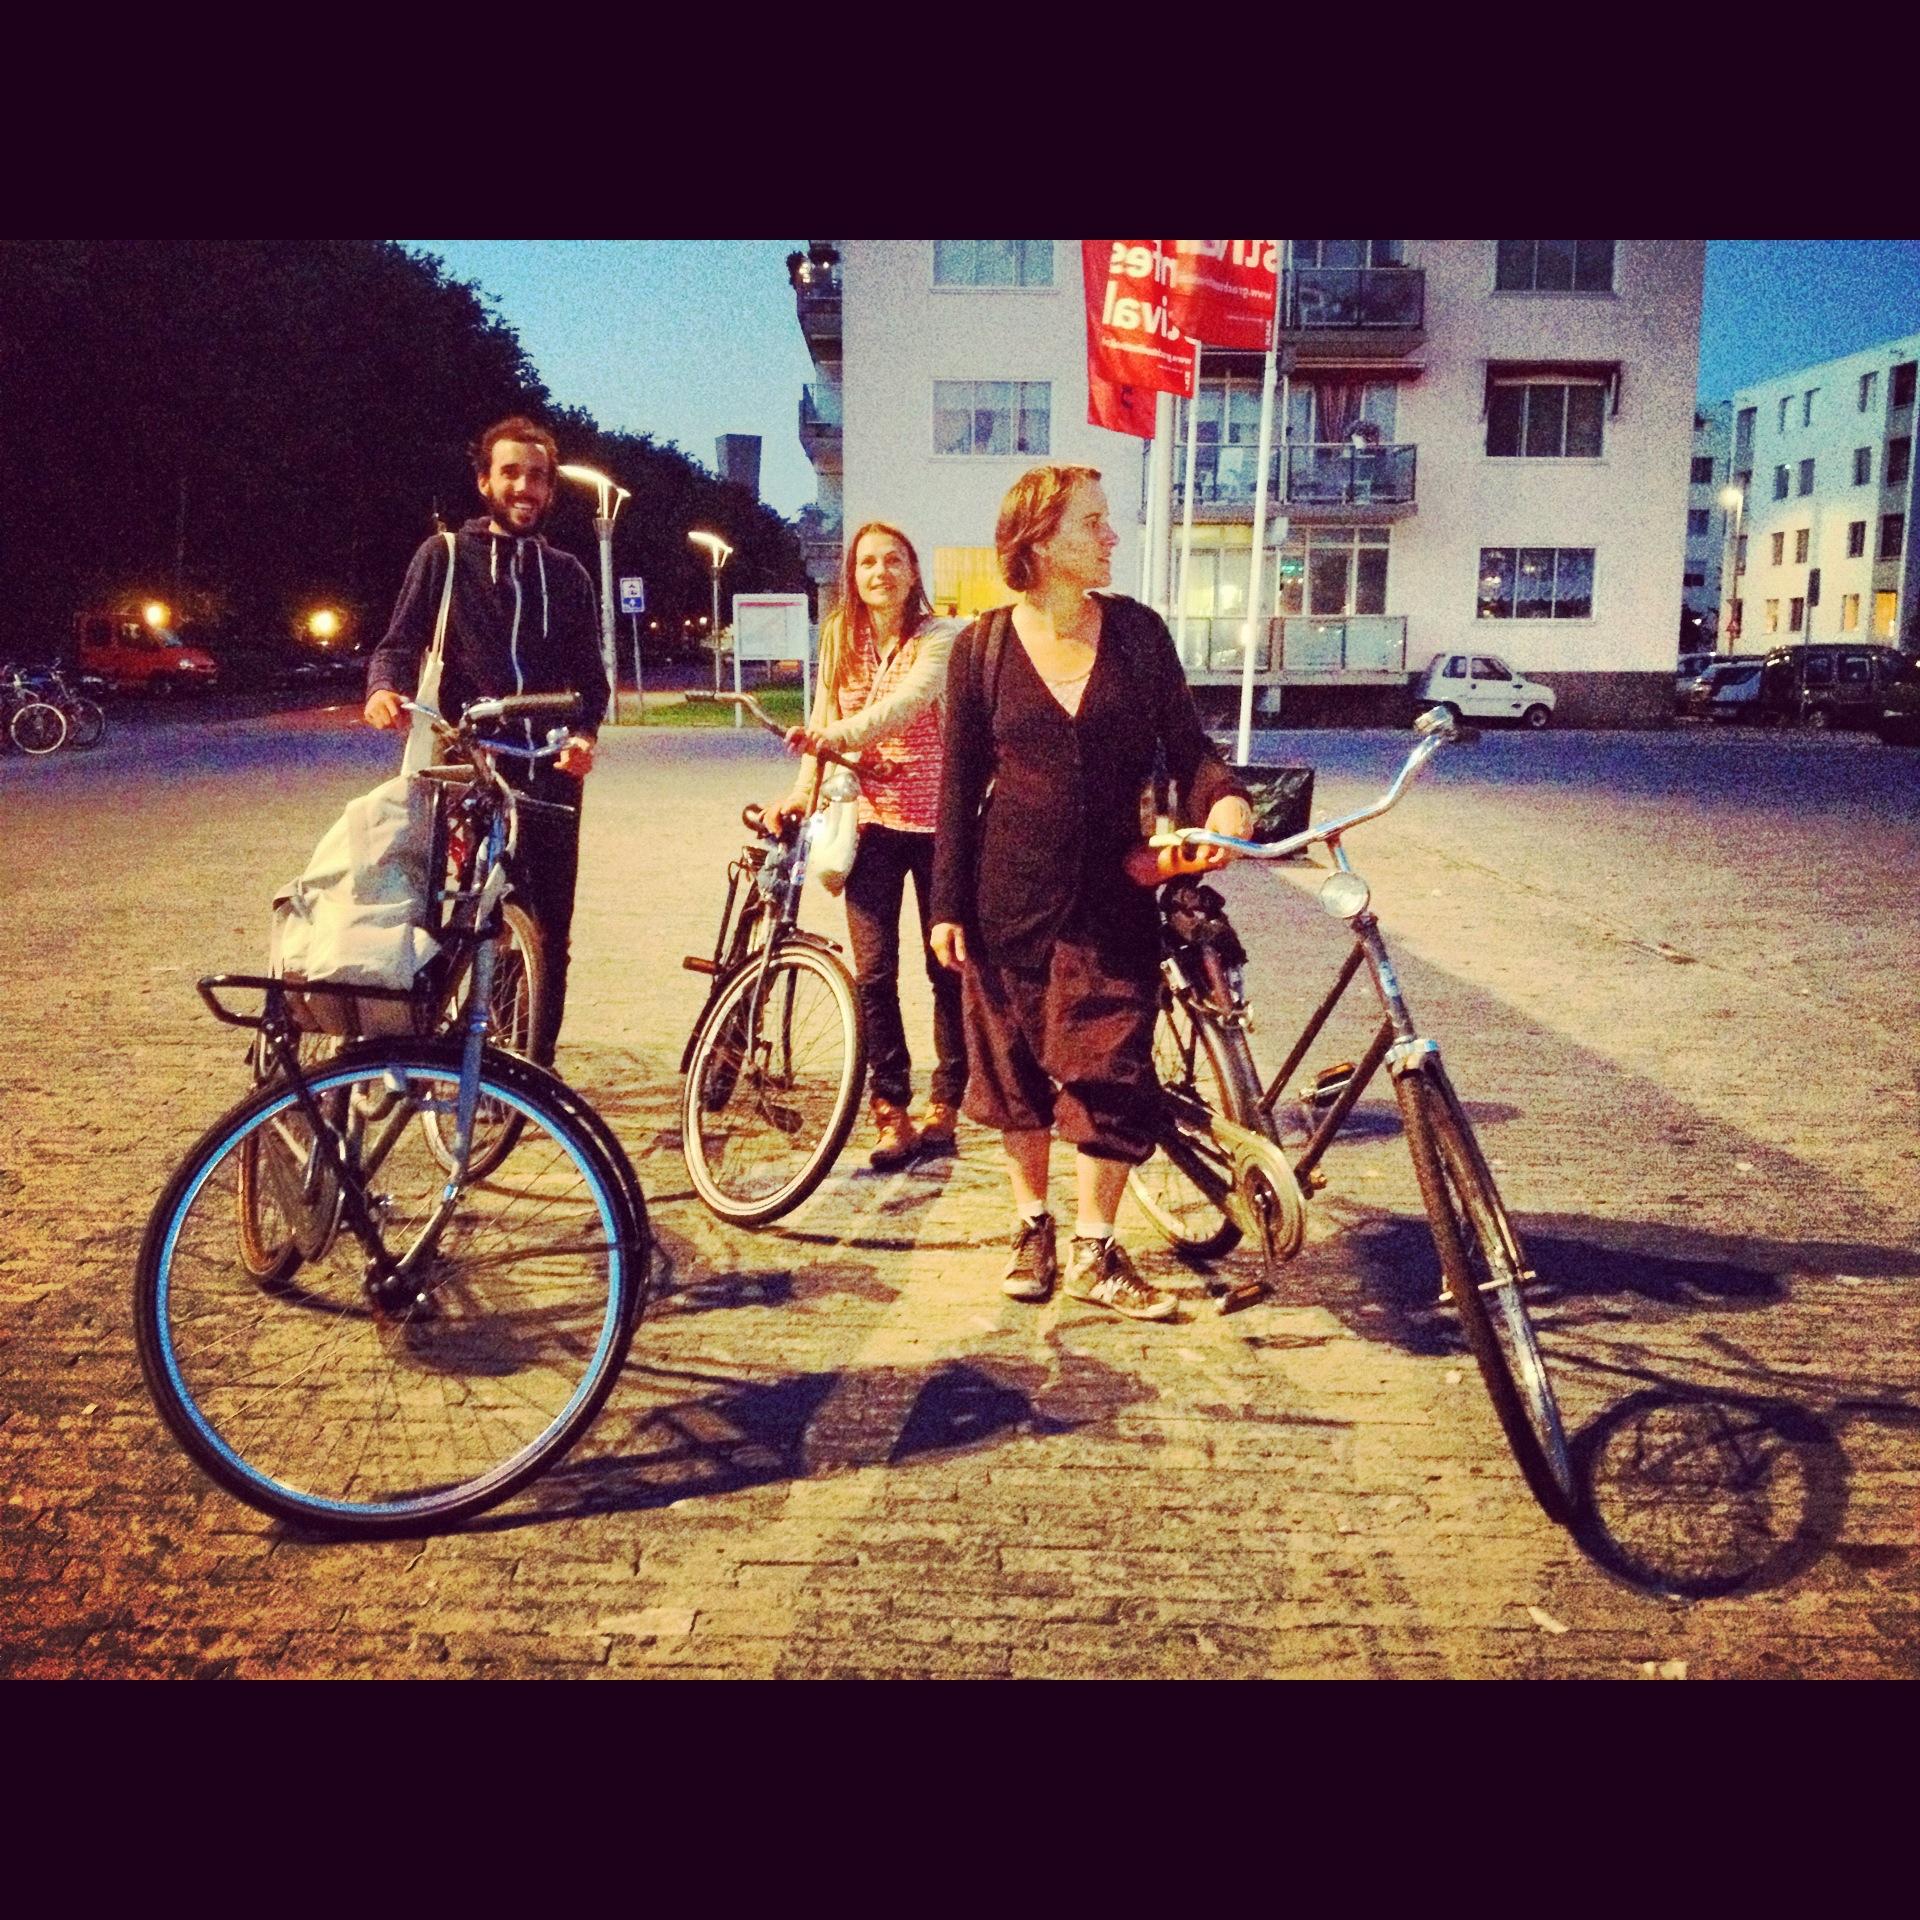 Взять в прокате велосипед